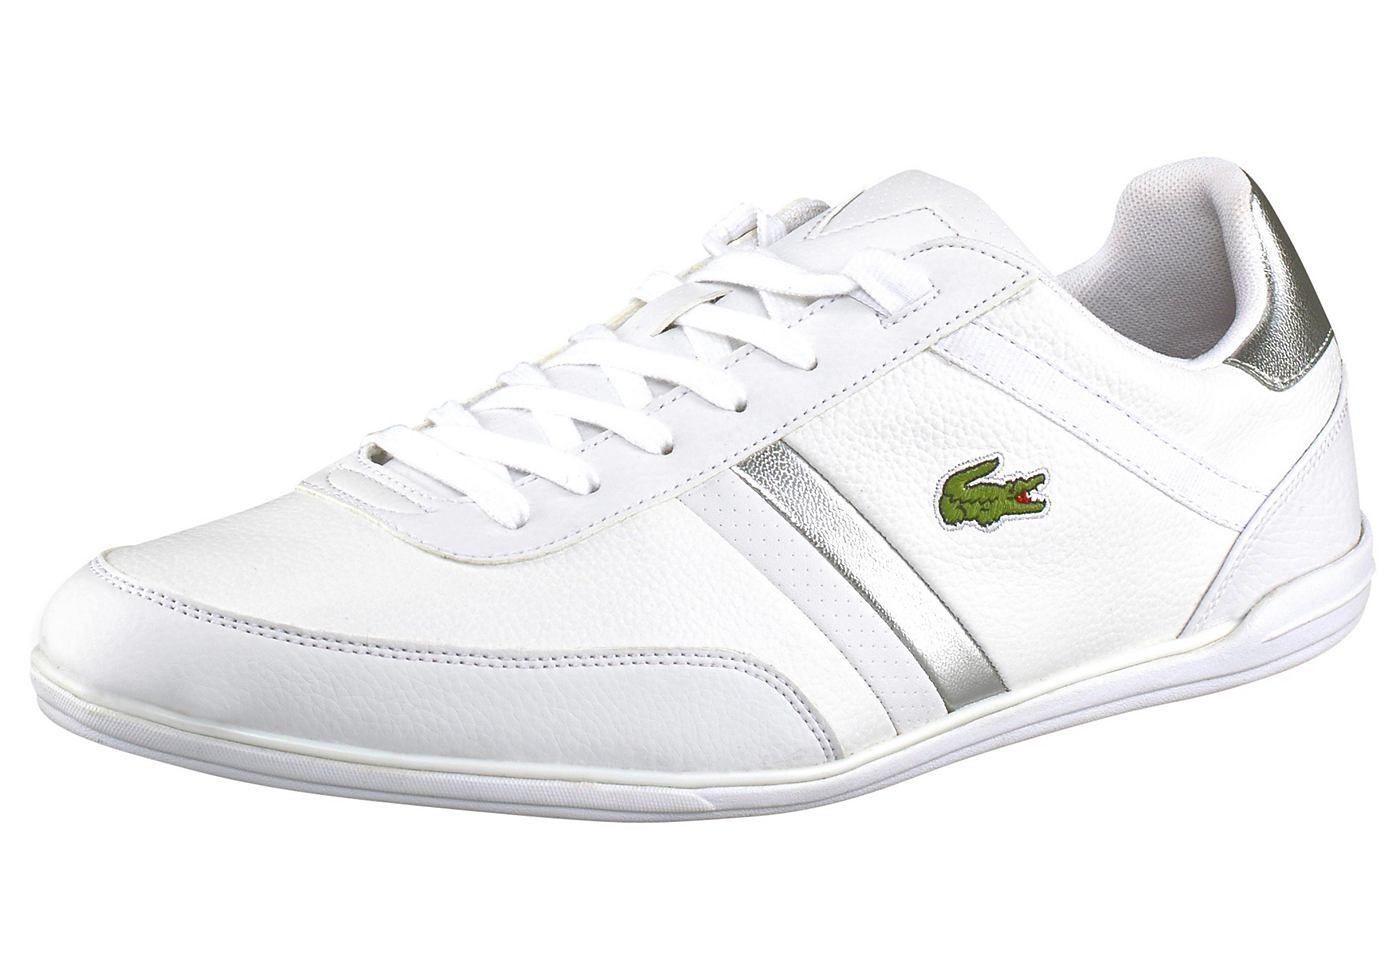 Produkttyp , Sneaker, |Schuhhöhe , Niedrig (low), |Farbe , Weiß, |Herstellerfarbbezeichnung , WHT/WHT, |Obermaterial , Materialmix aus Synthetik und Leder, |Verschlussart , Schnürung, |Laufsohle , Gummi, | ...